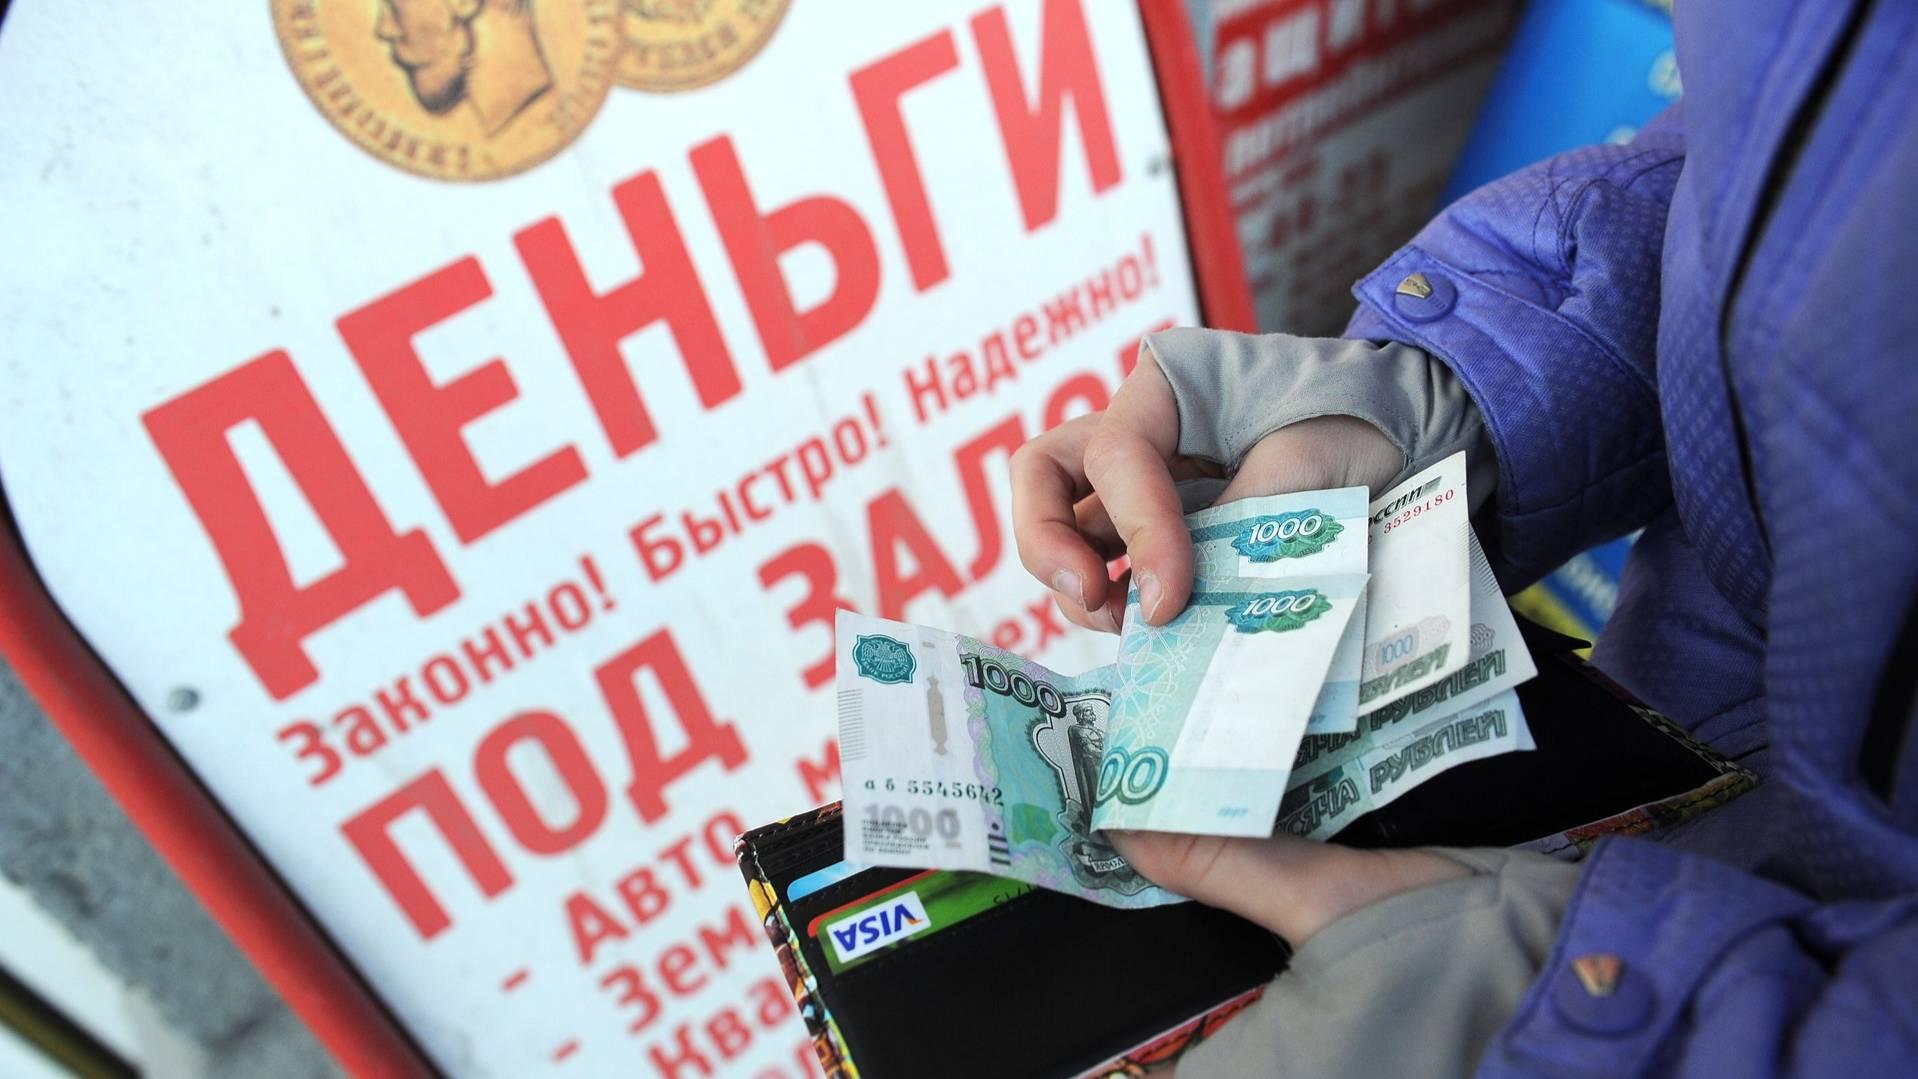 Кредит в обмен на квартиру: в Москве процветает мошенническая схема микрозаймов